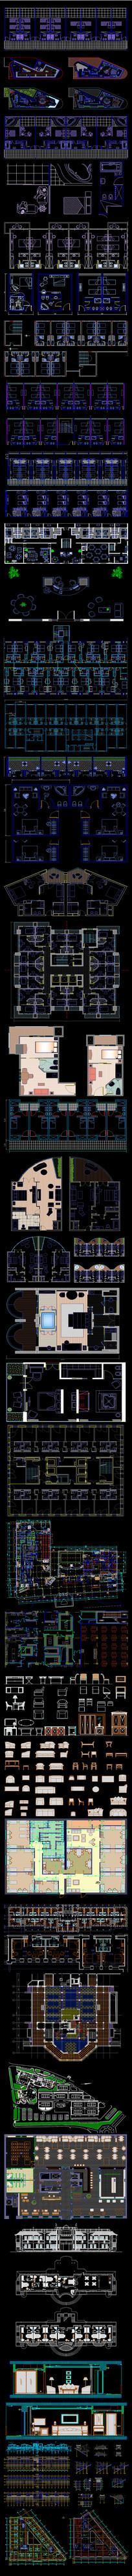 酒店相关CAD图纸集合